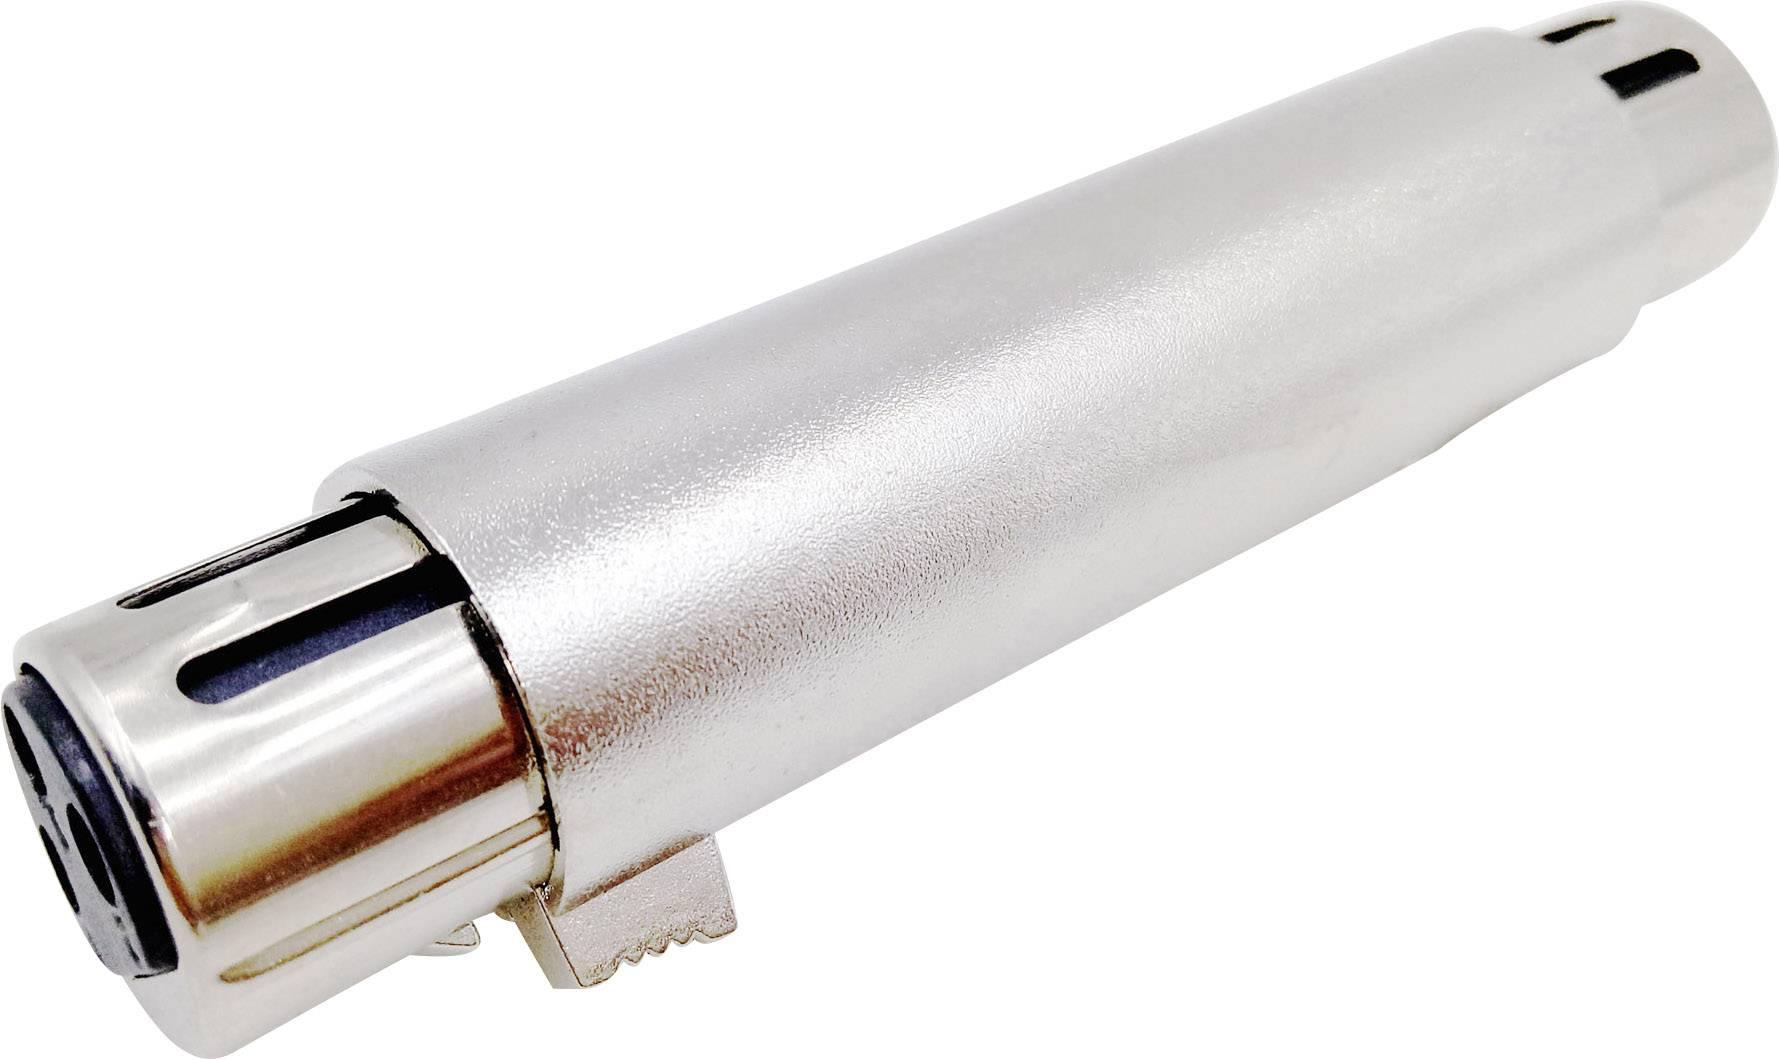 XLR adaptér XLR zásuvka - XLR zásuvka Conrad Components 1408841, stereo, pólů 3, 1 ks